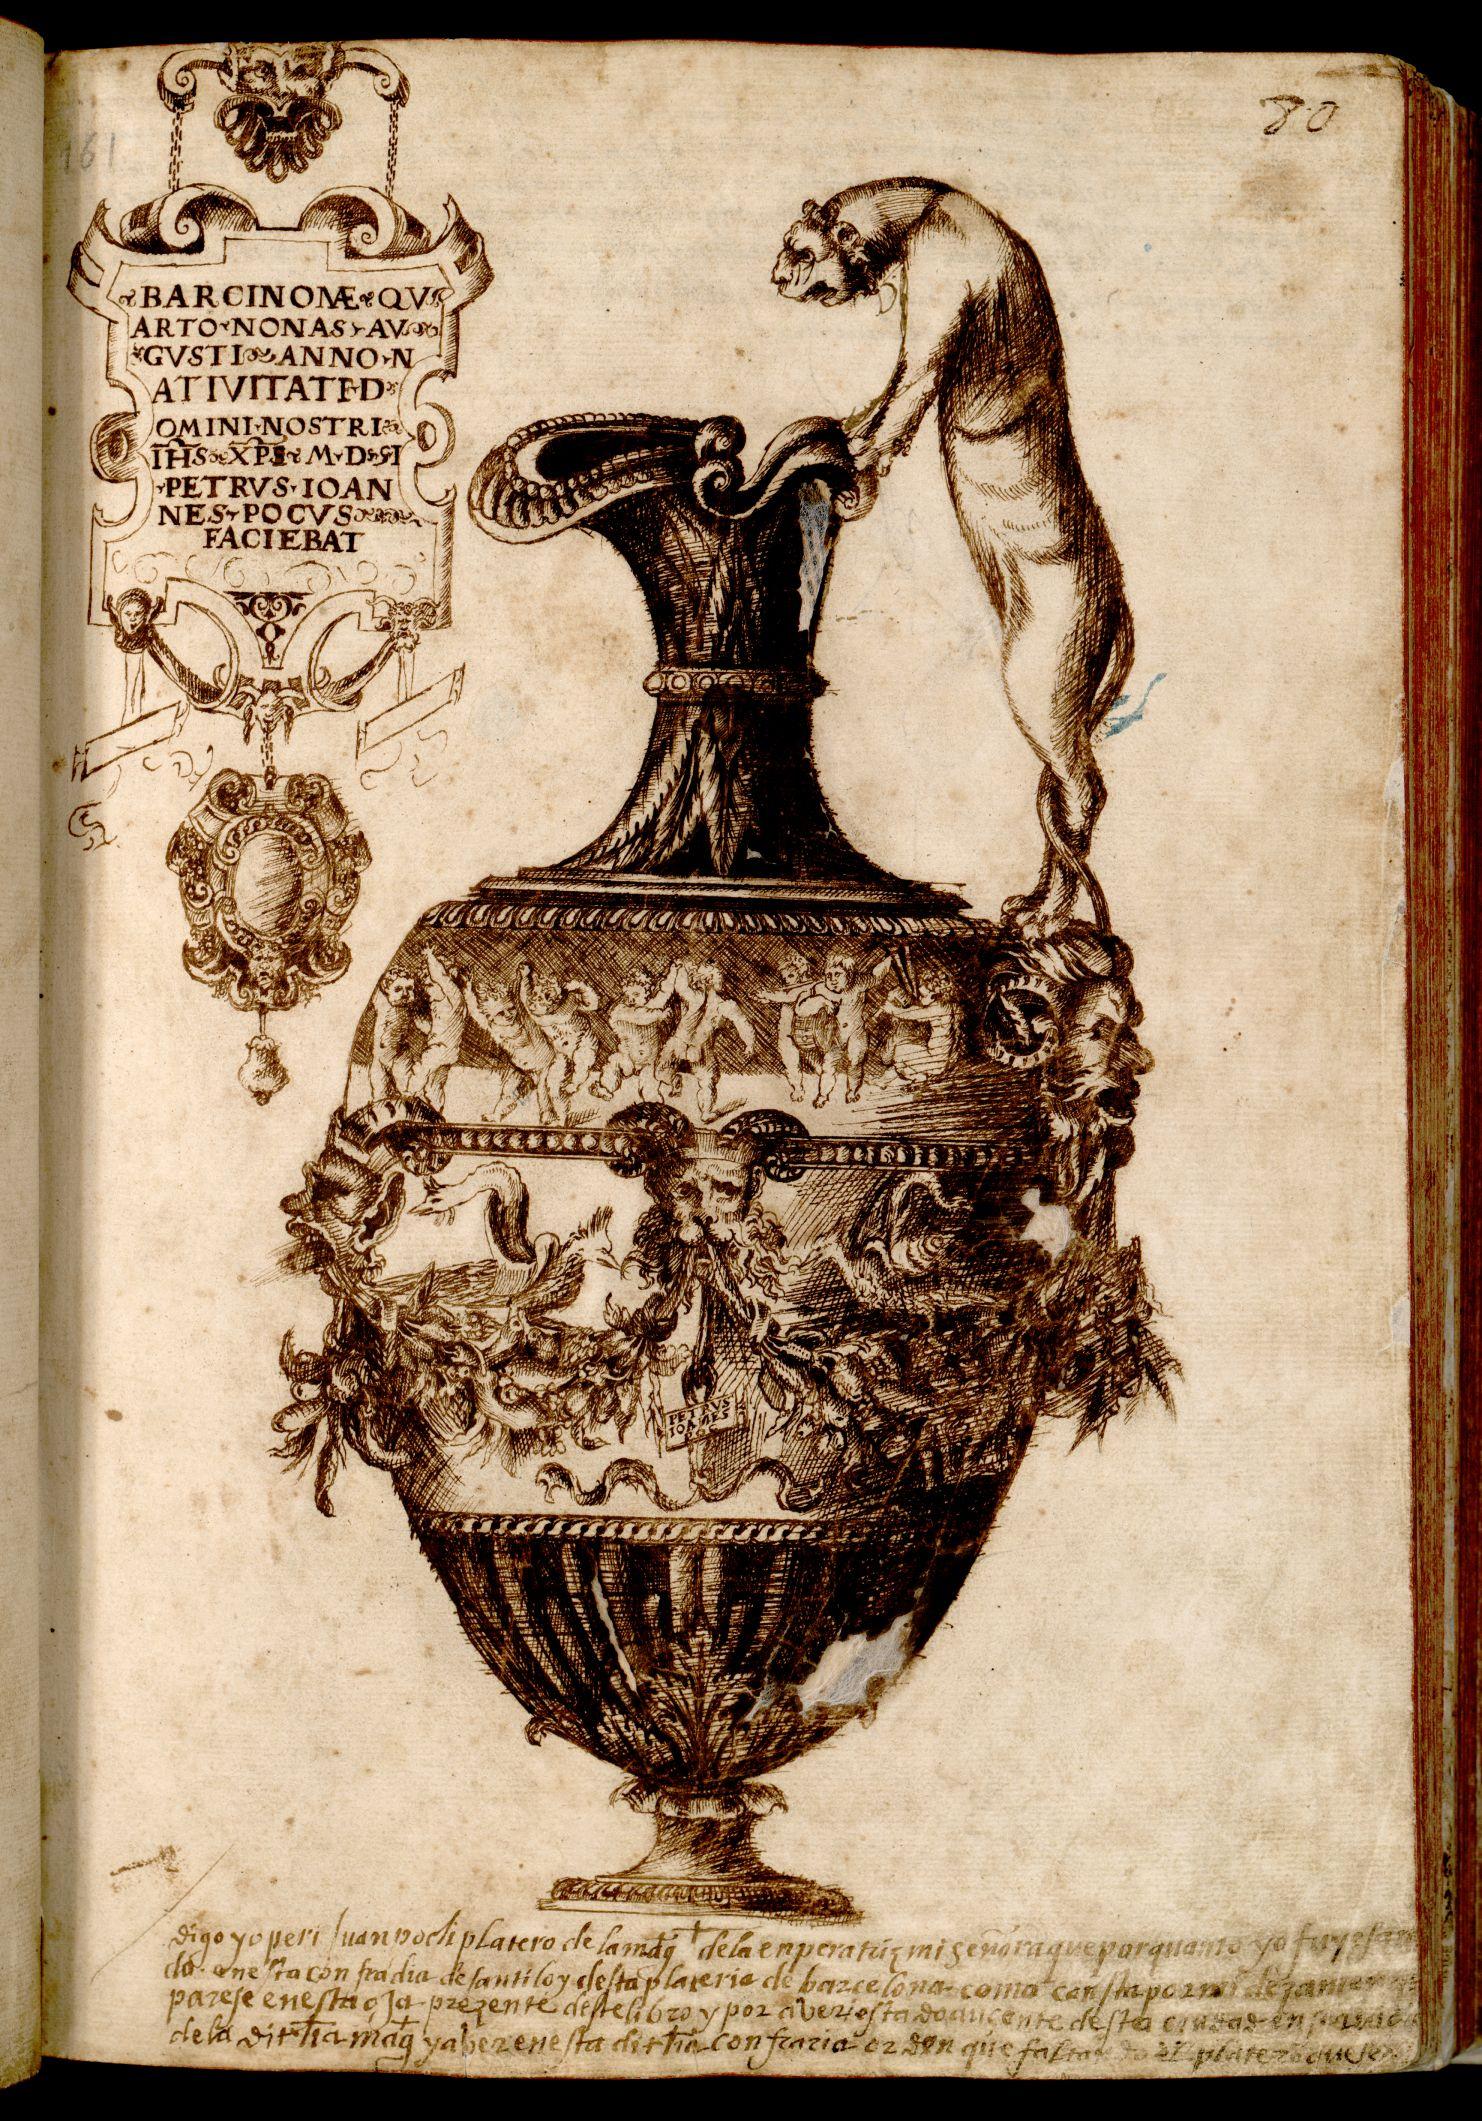 Gerra  de l'argenter J. Poch (1551) 5D131-15 Lllibre de passanties Vol. II (1532- 1629) fol. 80 r.